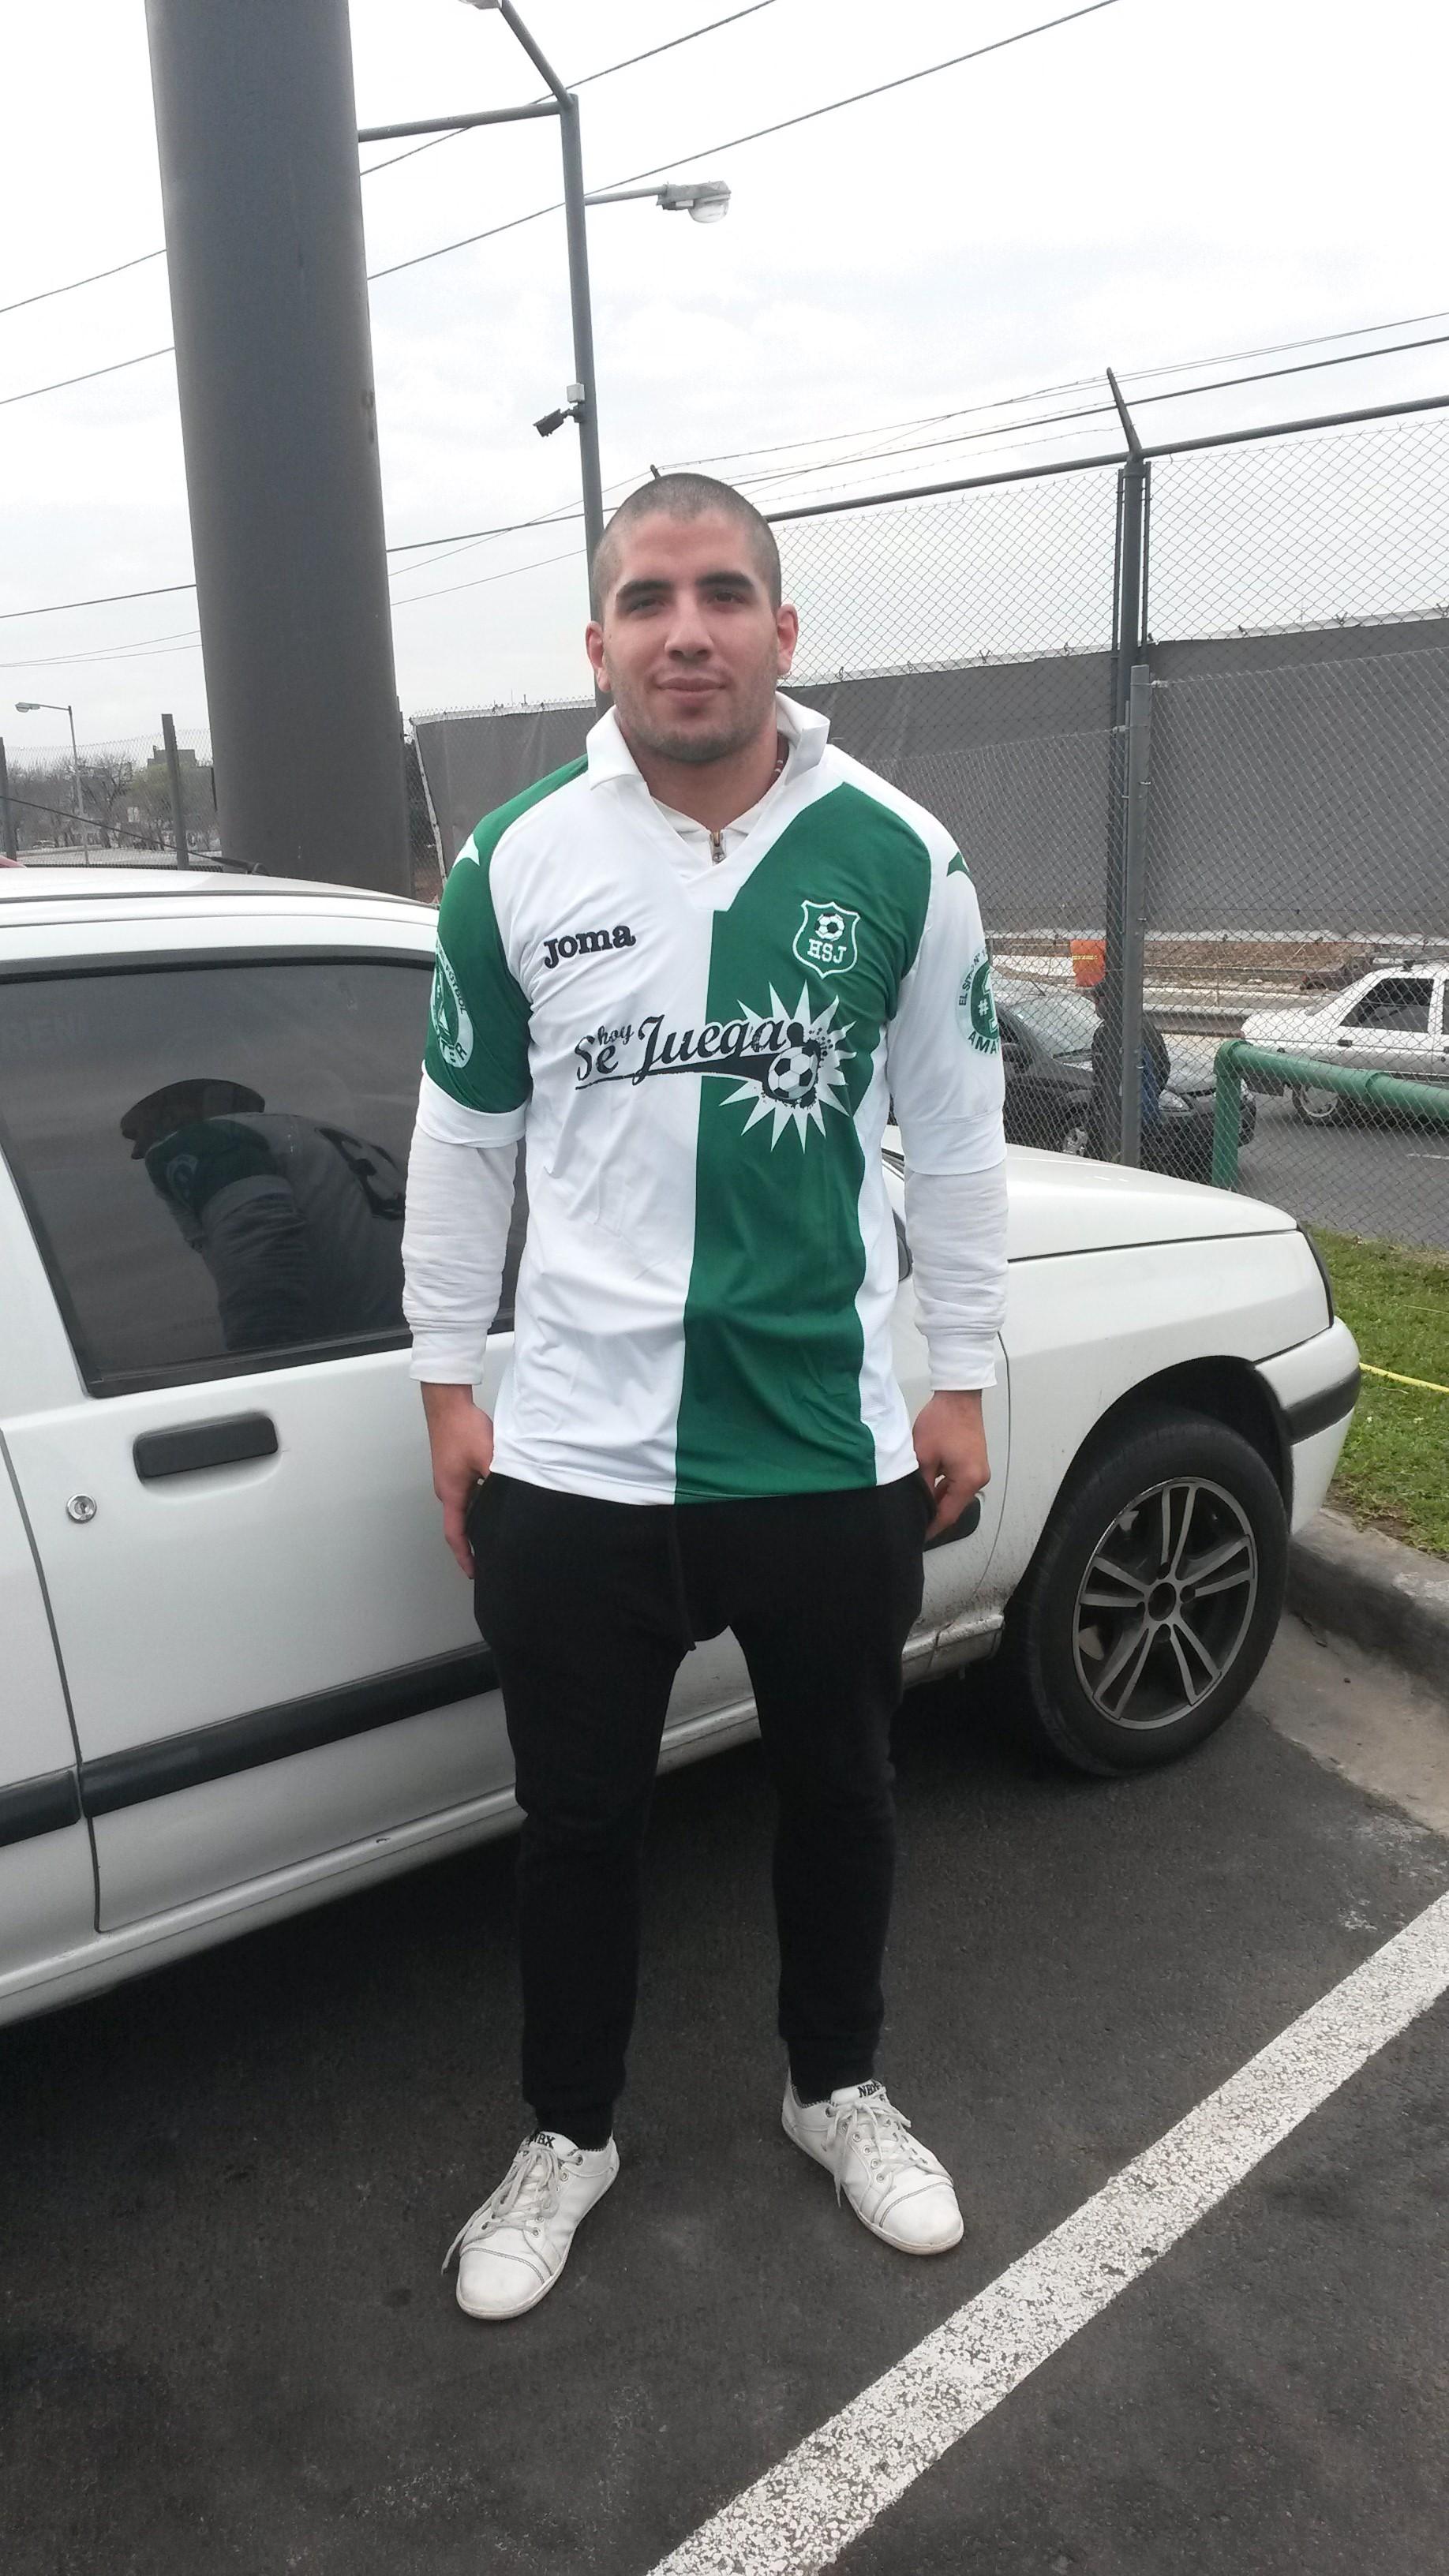 Cristian Hernández fue elgoleadordelTorneo InicialdeEl Trébolenfútbol 11. Con un pasado enDeportivo Español, en la actualidad se encuentra muy cómodo con su equipoEl Furgón,aunque no descarta la posibilidad de volver alfútbol profesional.